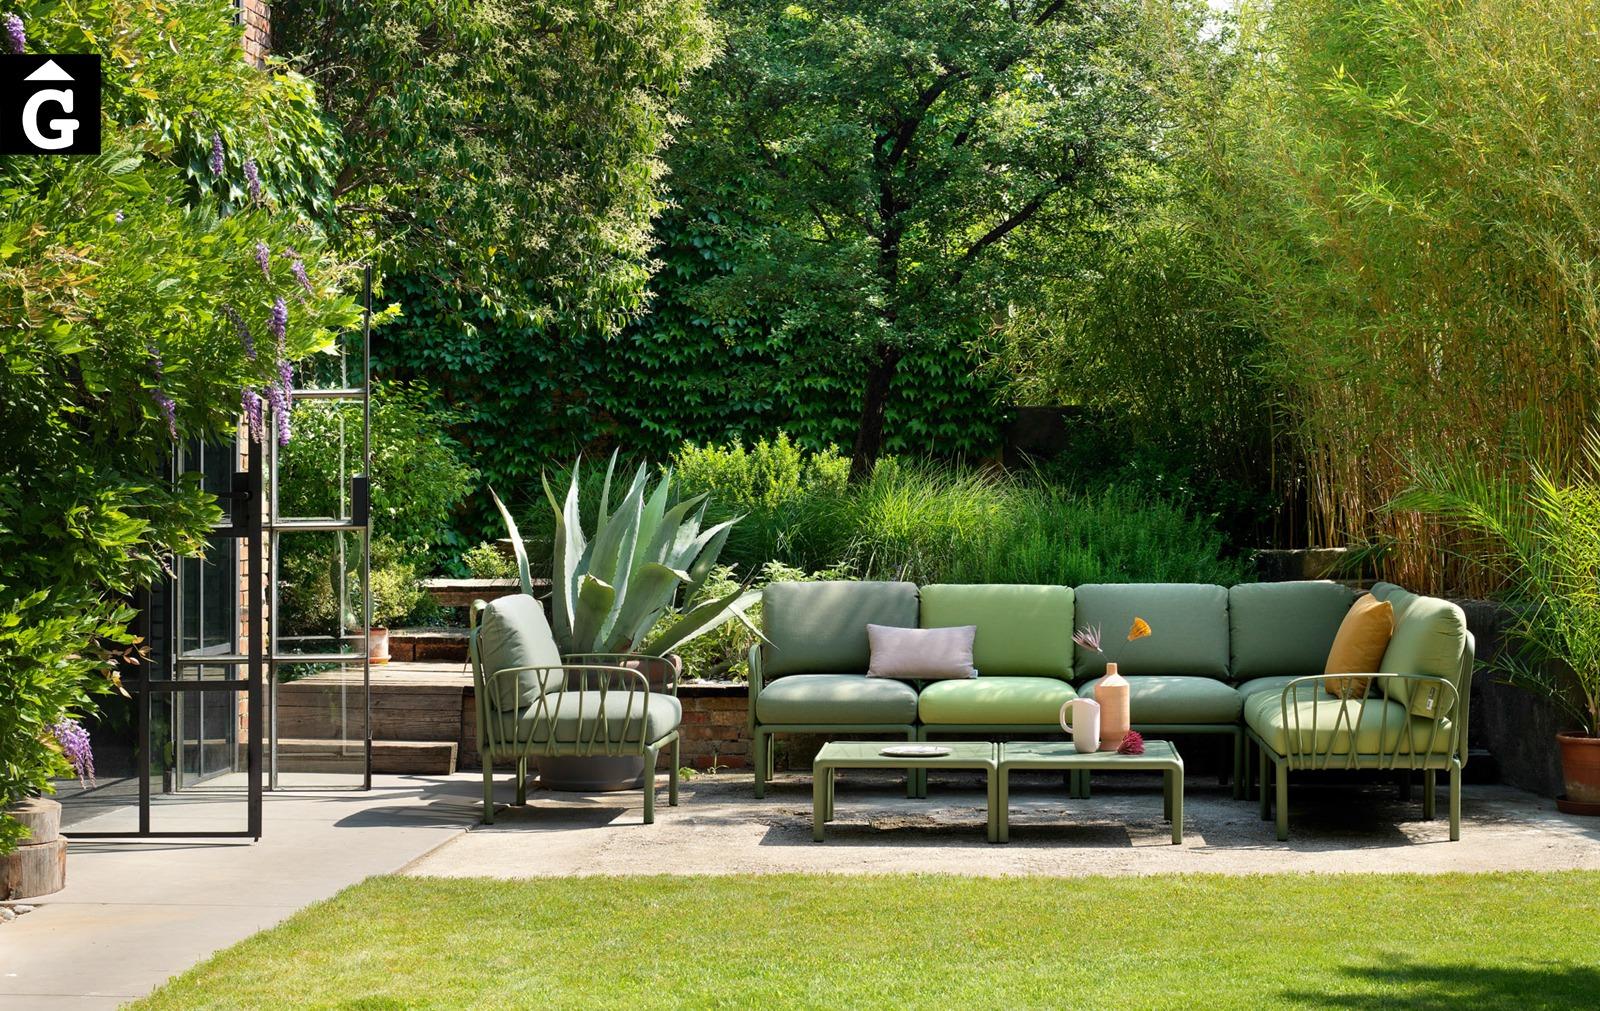 Sofà raconer exterior Komodo | Verd Giungla | Nardi | mobiliari d'exterior amb disseny italià